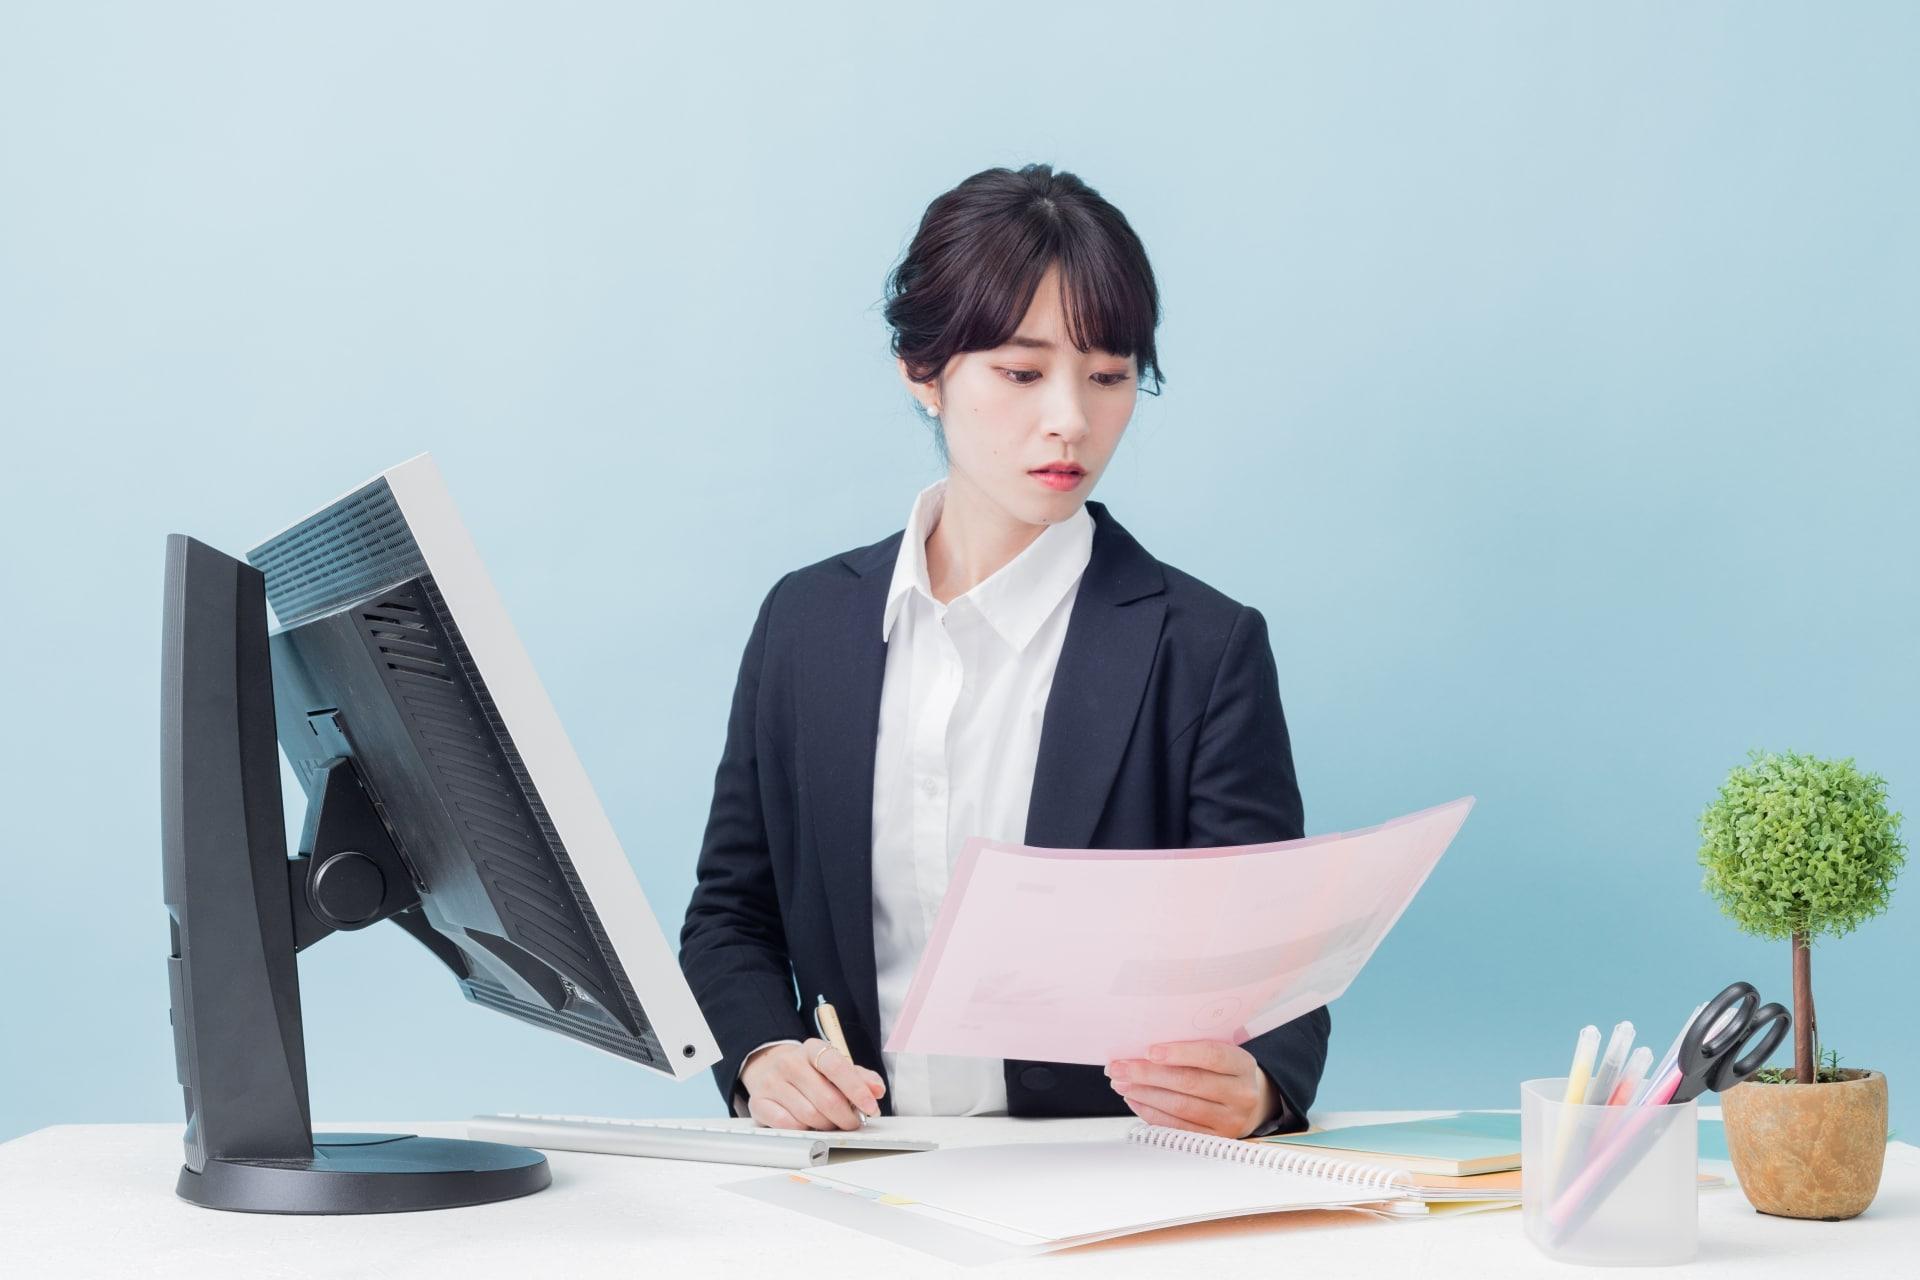 事務作業をする女性